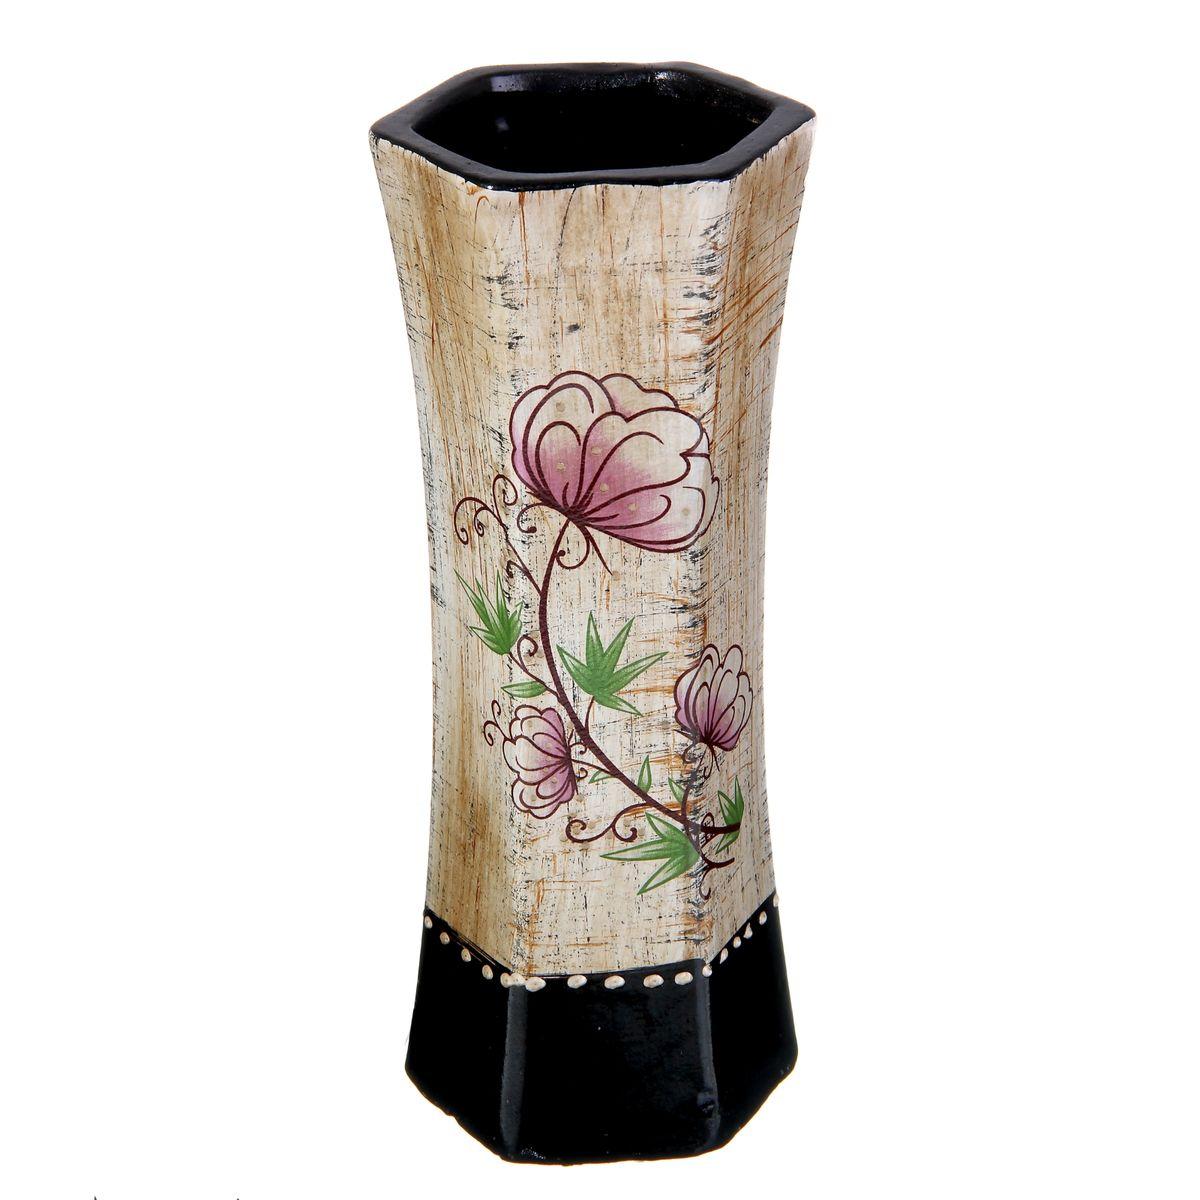 Ваза Sima-land Цветочная, высота 24 см912901Элегантная ваза Sima-land Цветочная, изготовленная из высококачественной керамики, оформлена в благородных древесных оттенках с ярким рисунком. Интересная форма и необычное оформление сделают эту вазу замечательным украшением интерьера. Она предназначена как для живых, так и для искусственных цветов. Любое помещение выглядит незавершенным без правильно расположенных предметов интерьера. Они помогают создать уют, расставить акценты, подчеркнуть достоинства или скрыть недостатки.